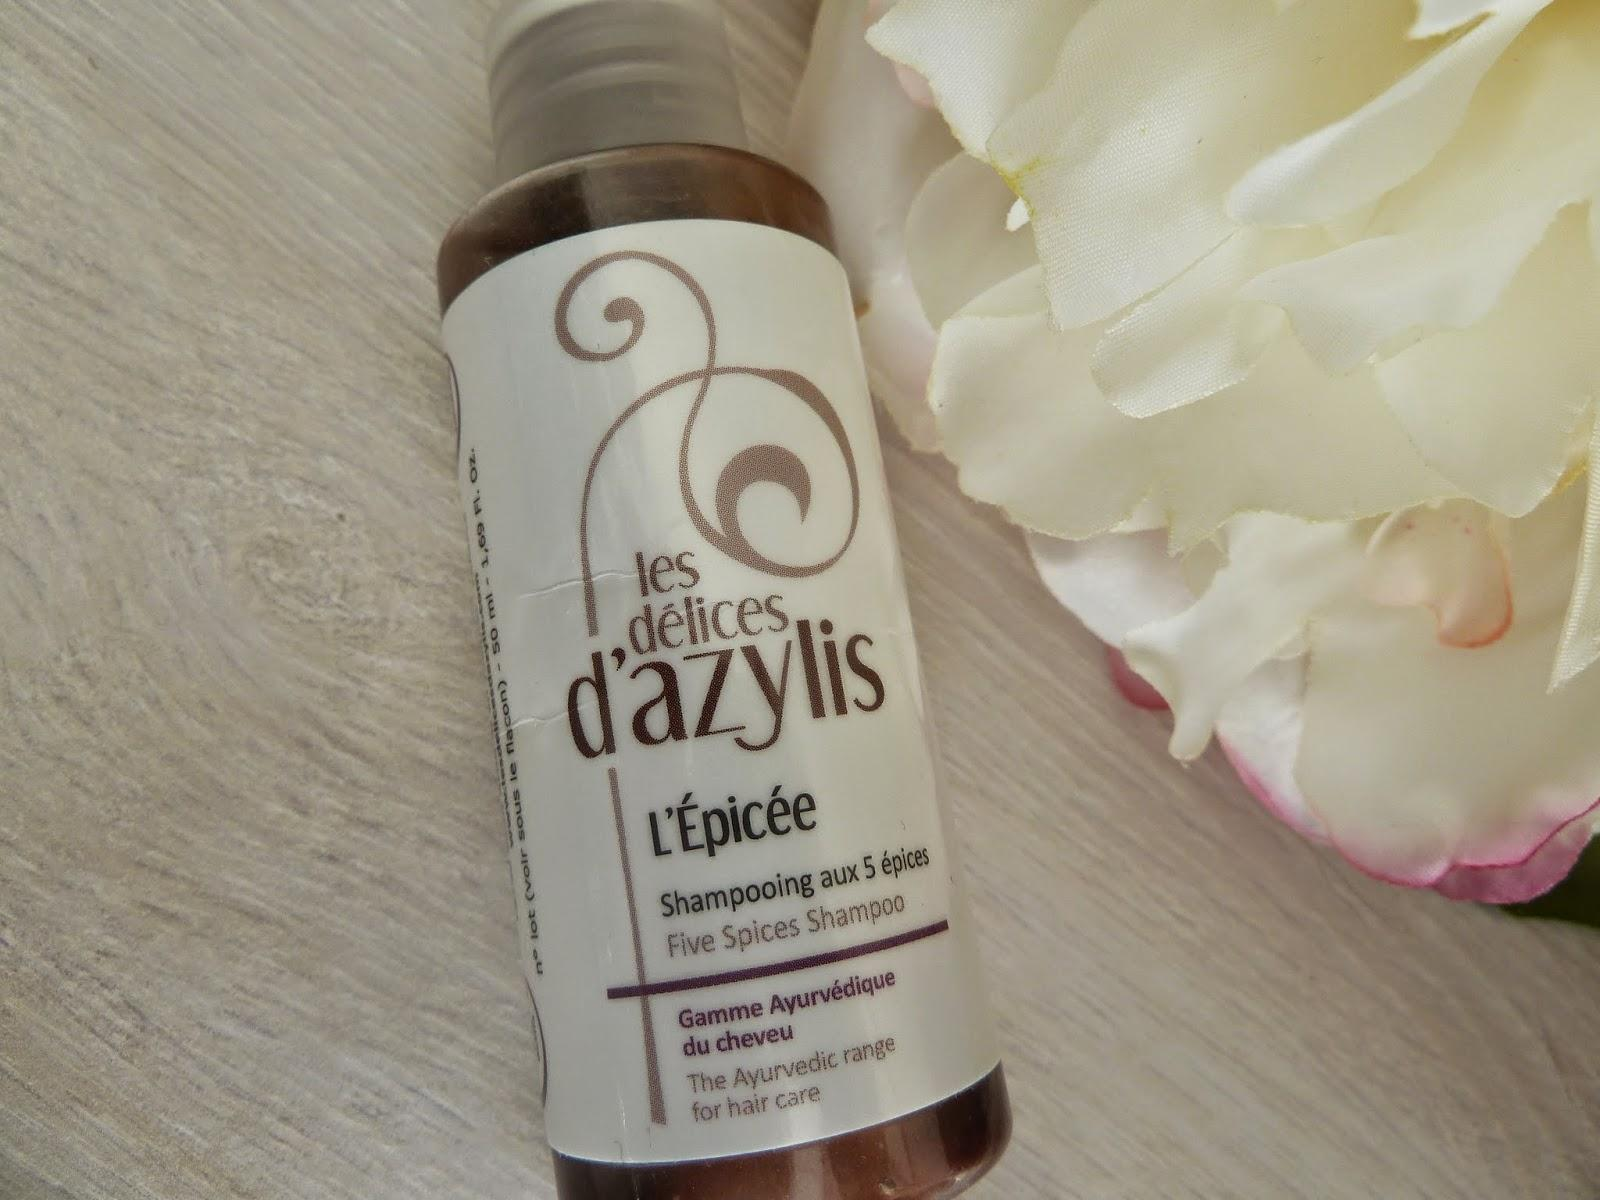 Des délices sur mes cheveux : l'Epicée - Les Délices D'Azylis